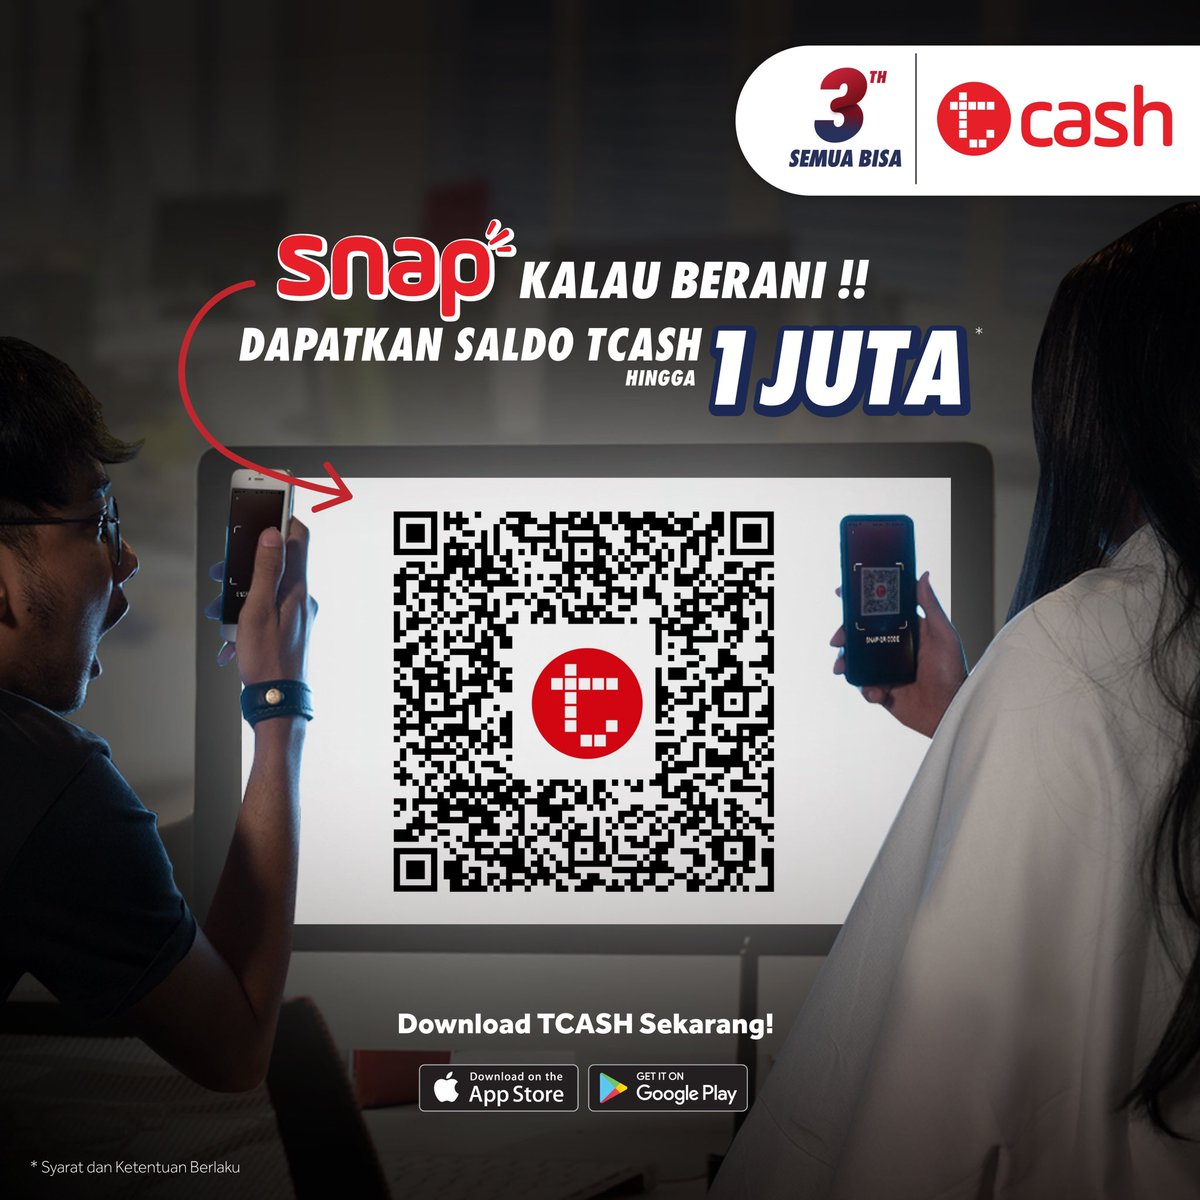 LinkAja Indonesia on Twitter: